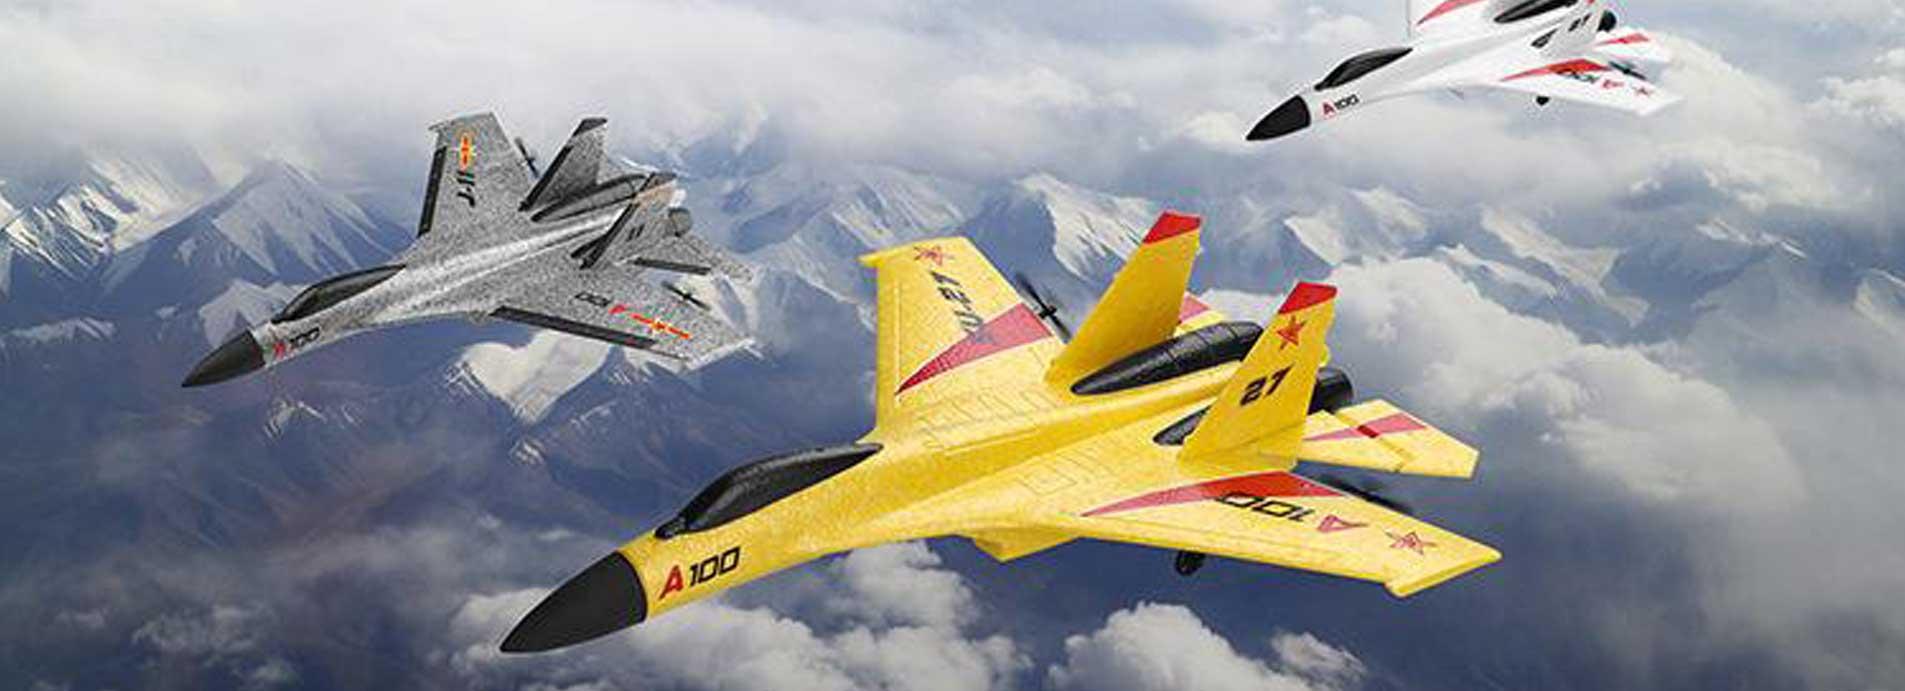 Descubre los distintos tipos de aeromodelismo, disfrutarás seguro